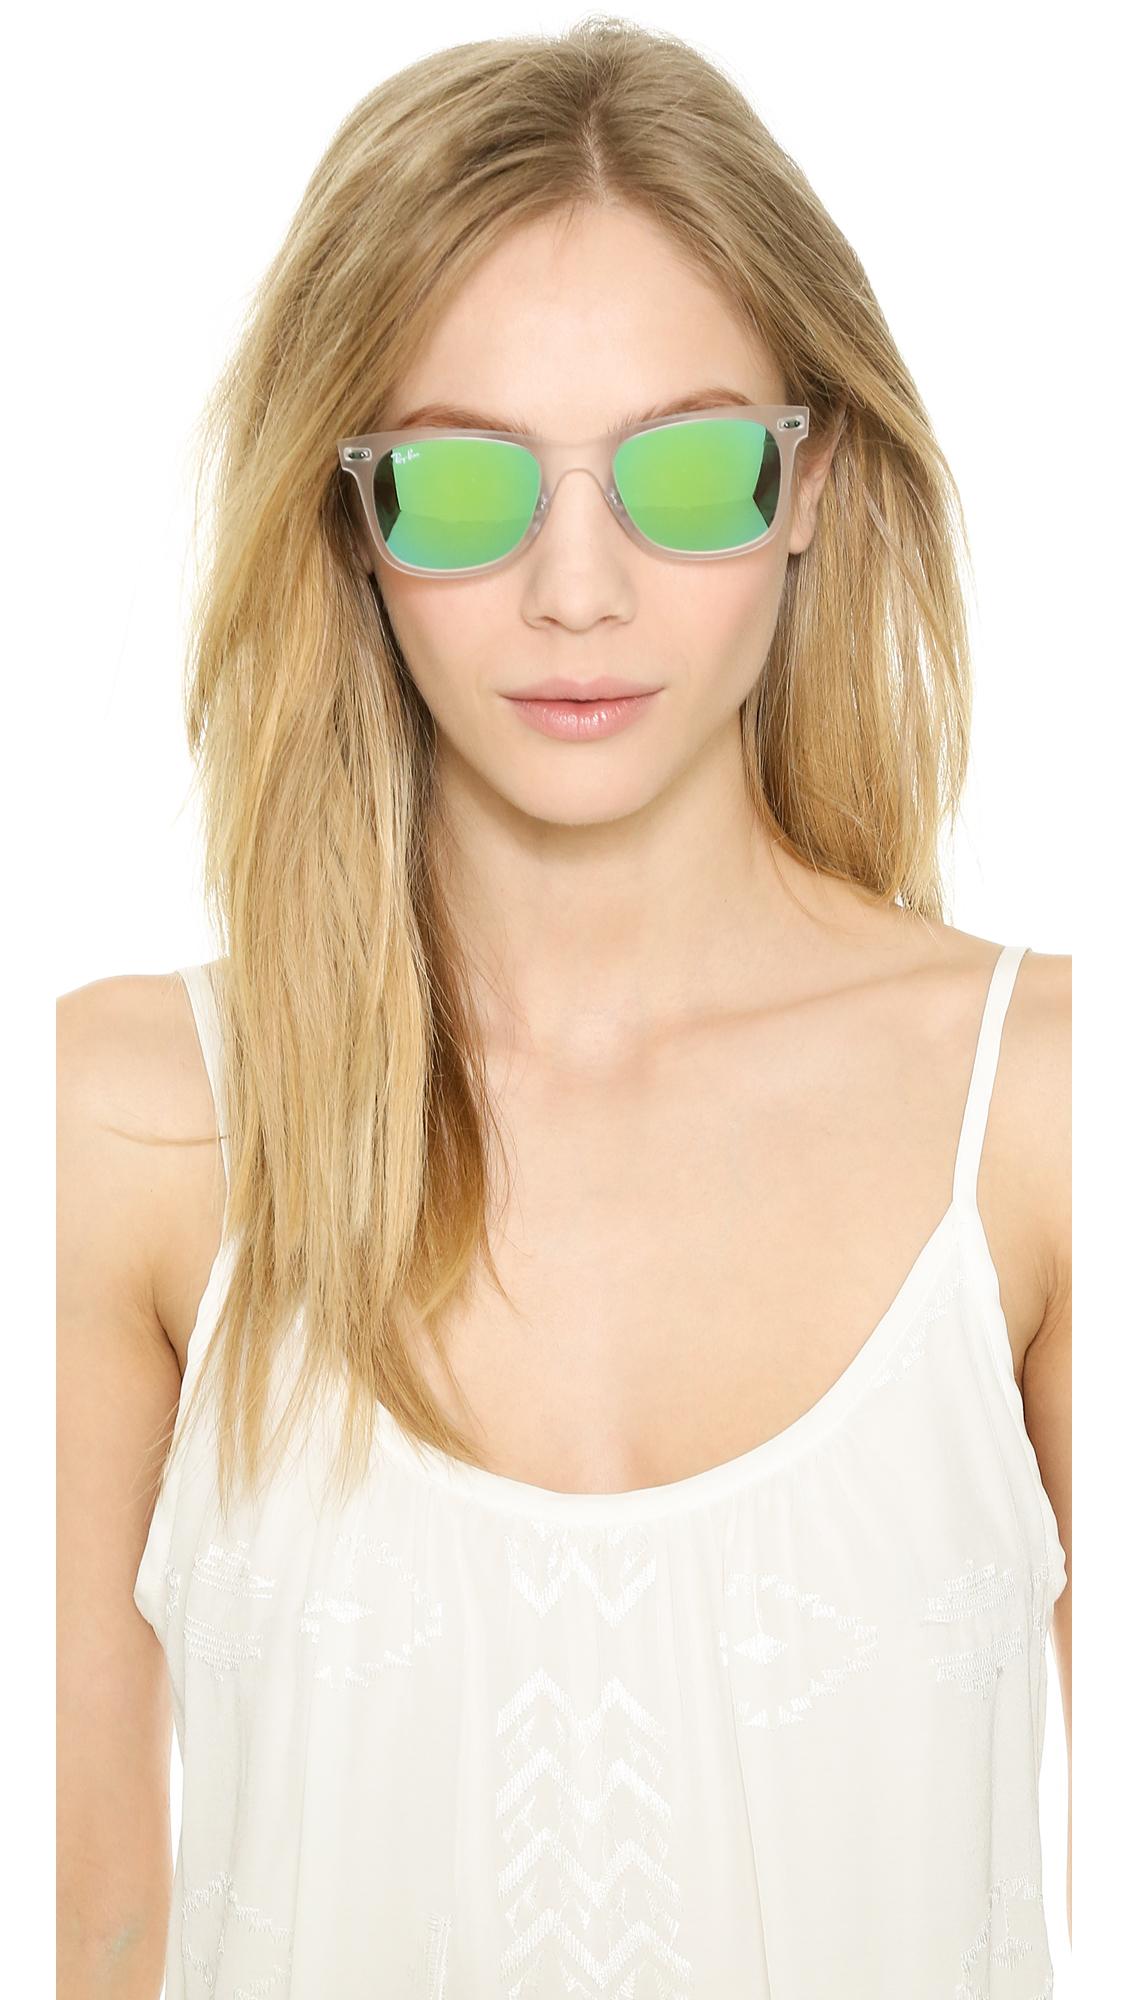 85c342fffa3 ... 50% off lyst ray ban tech light sunglasses matte transparent green  mirror 8d052 409a3